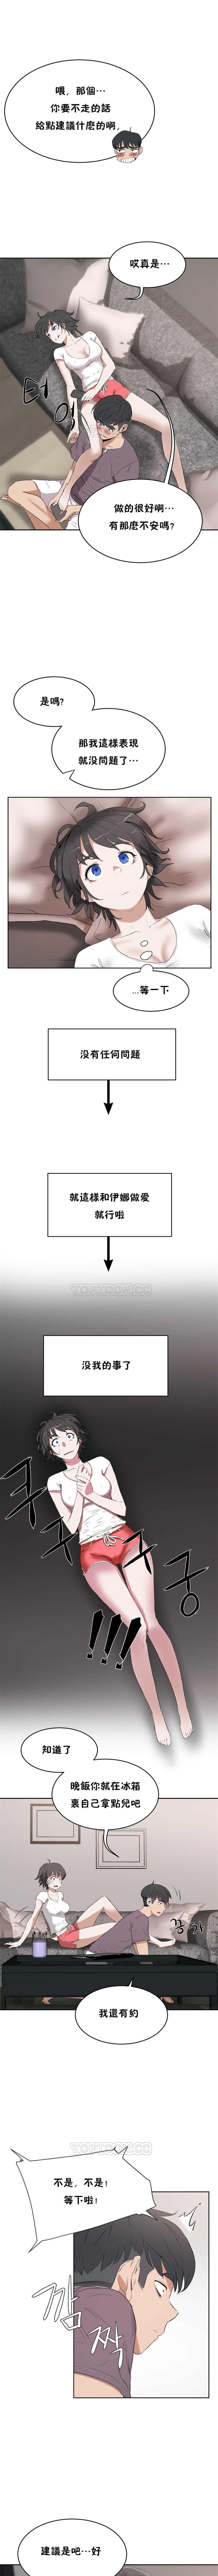 性教育 1-48.5 中文翻译(完結) 75